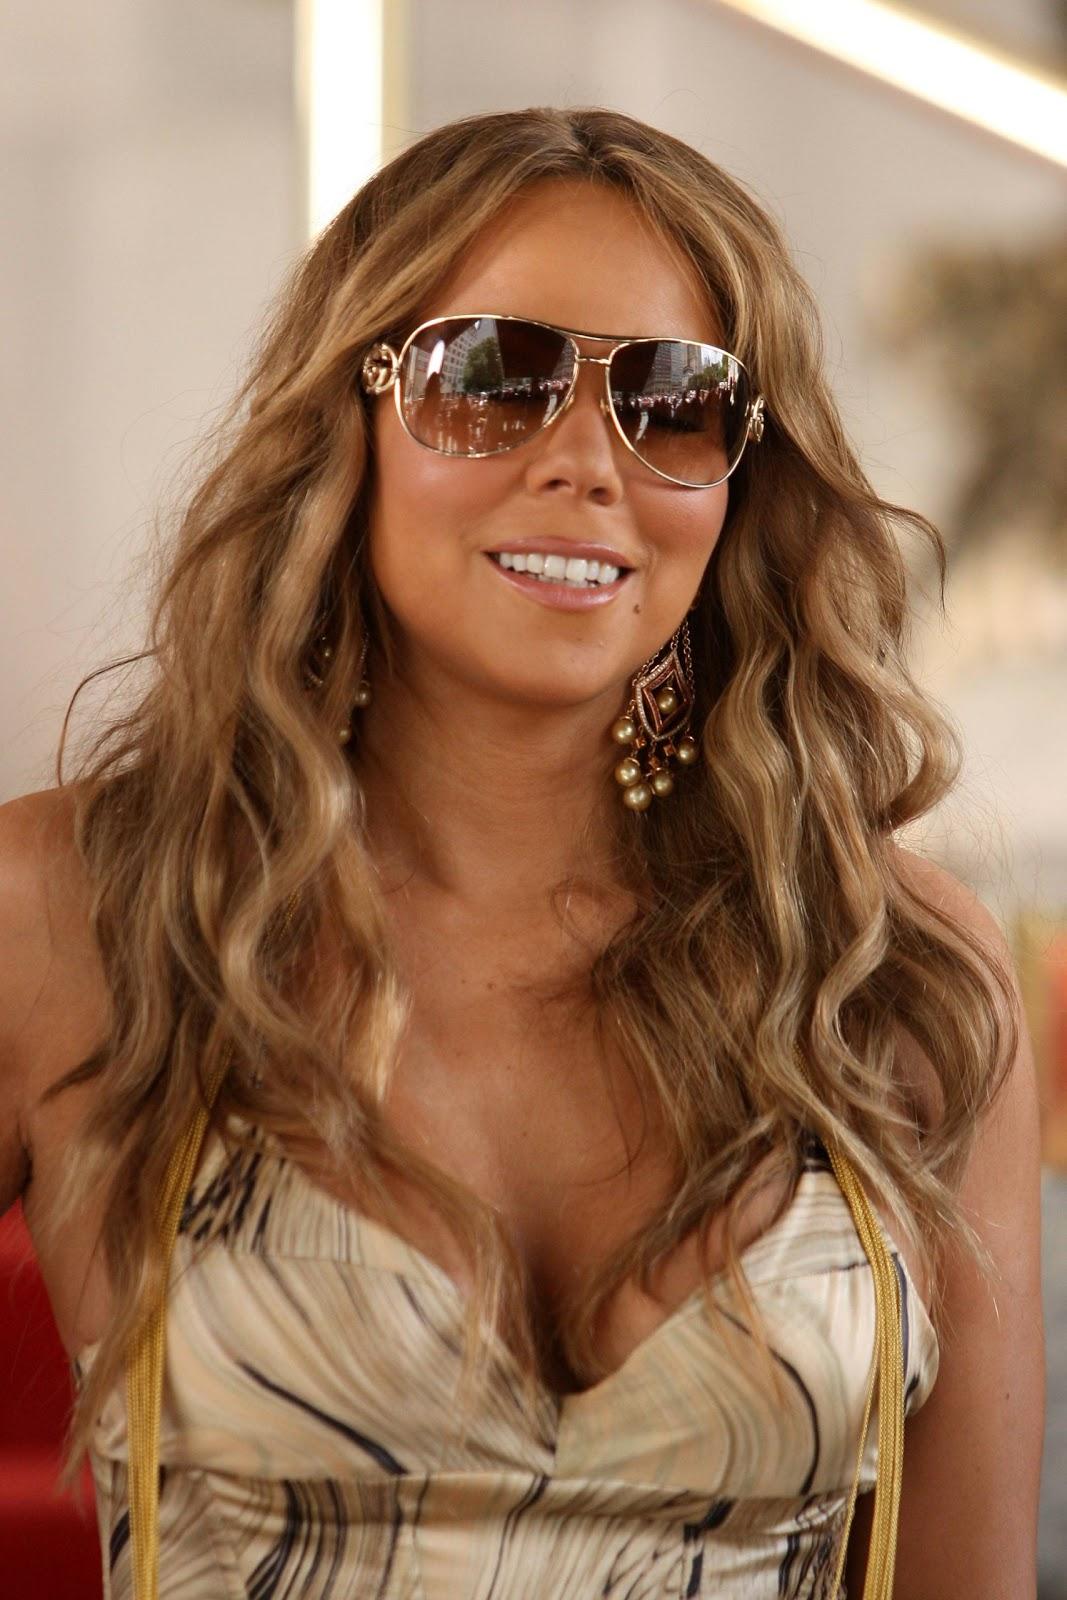 http://2.bp.blogspot.com/-as_qHt2qoQI/UBbuFzxqRTI/AAAAAAAAFKs/EcM4ObWU5Qw/s1600/Mariah-Carey-hairstyles-celebrity-actress-singer-wallpaper-songwriter-carey-mariah%2B(6).jpg